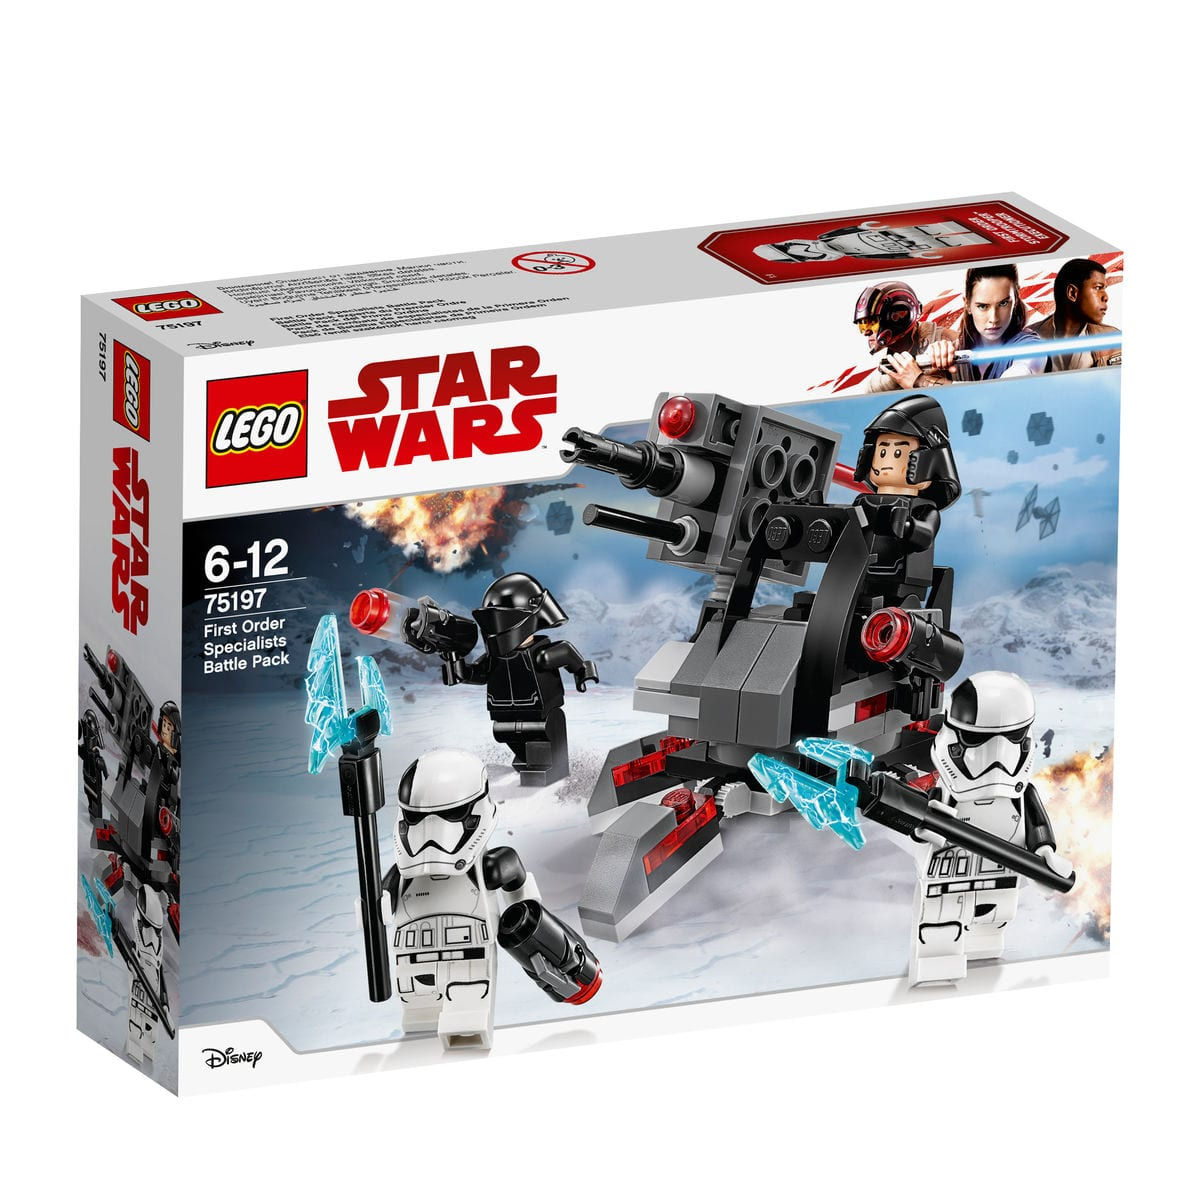 Lego Star Wars 75197